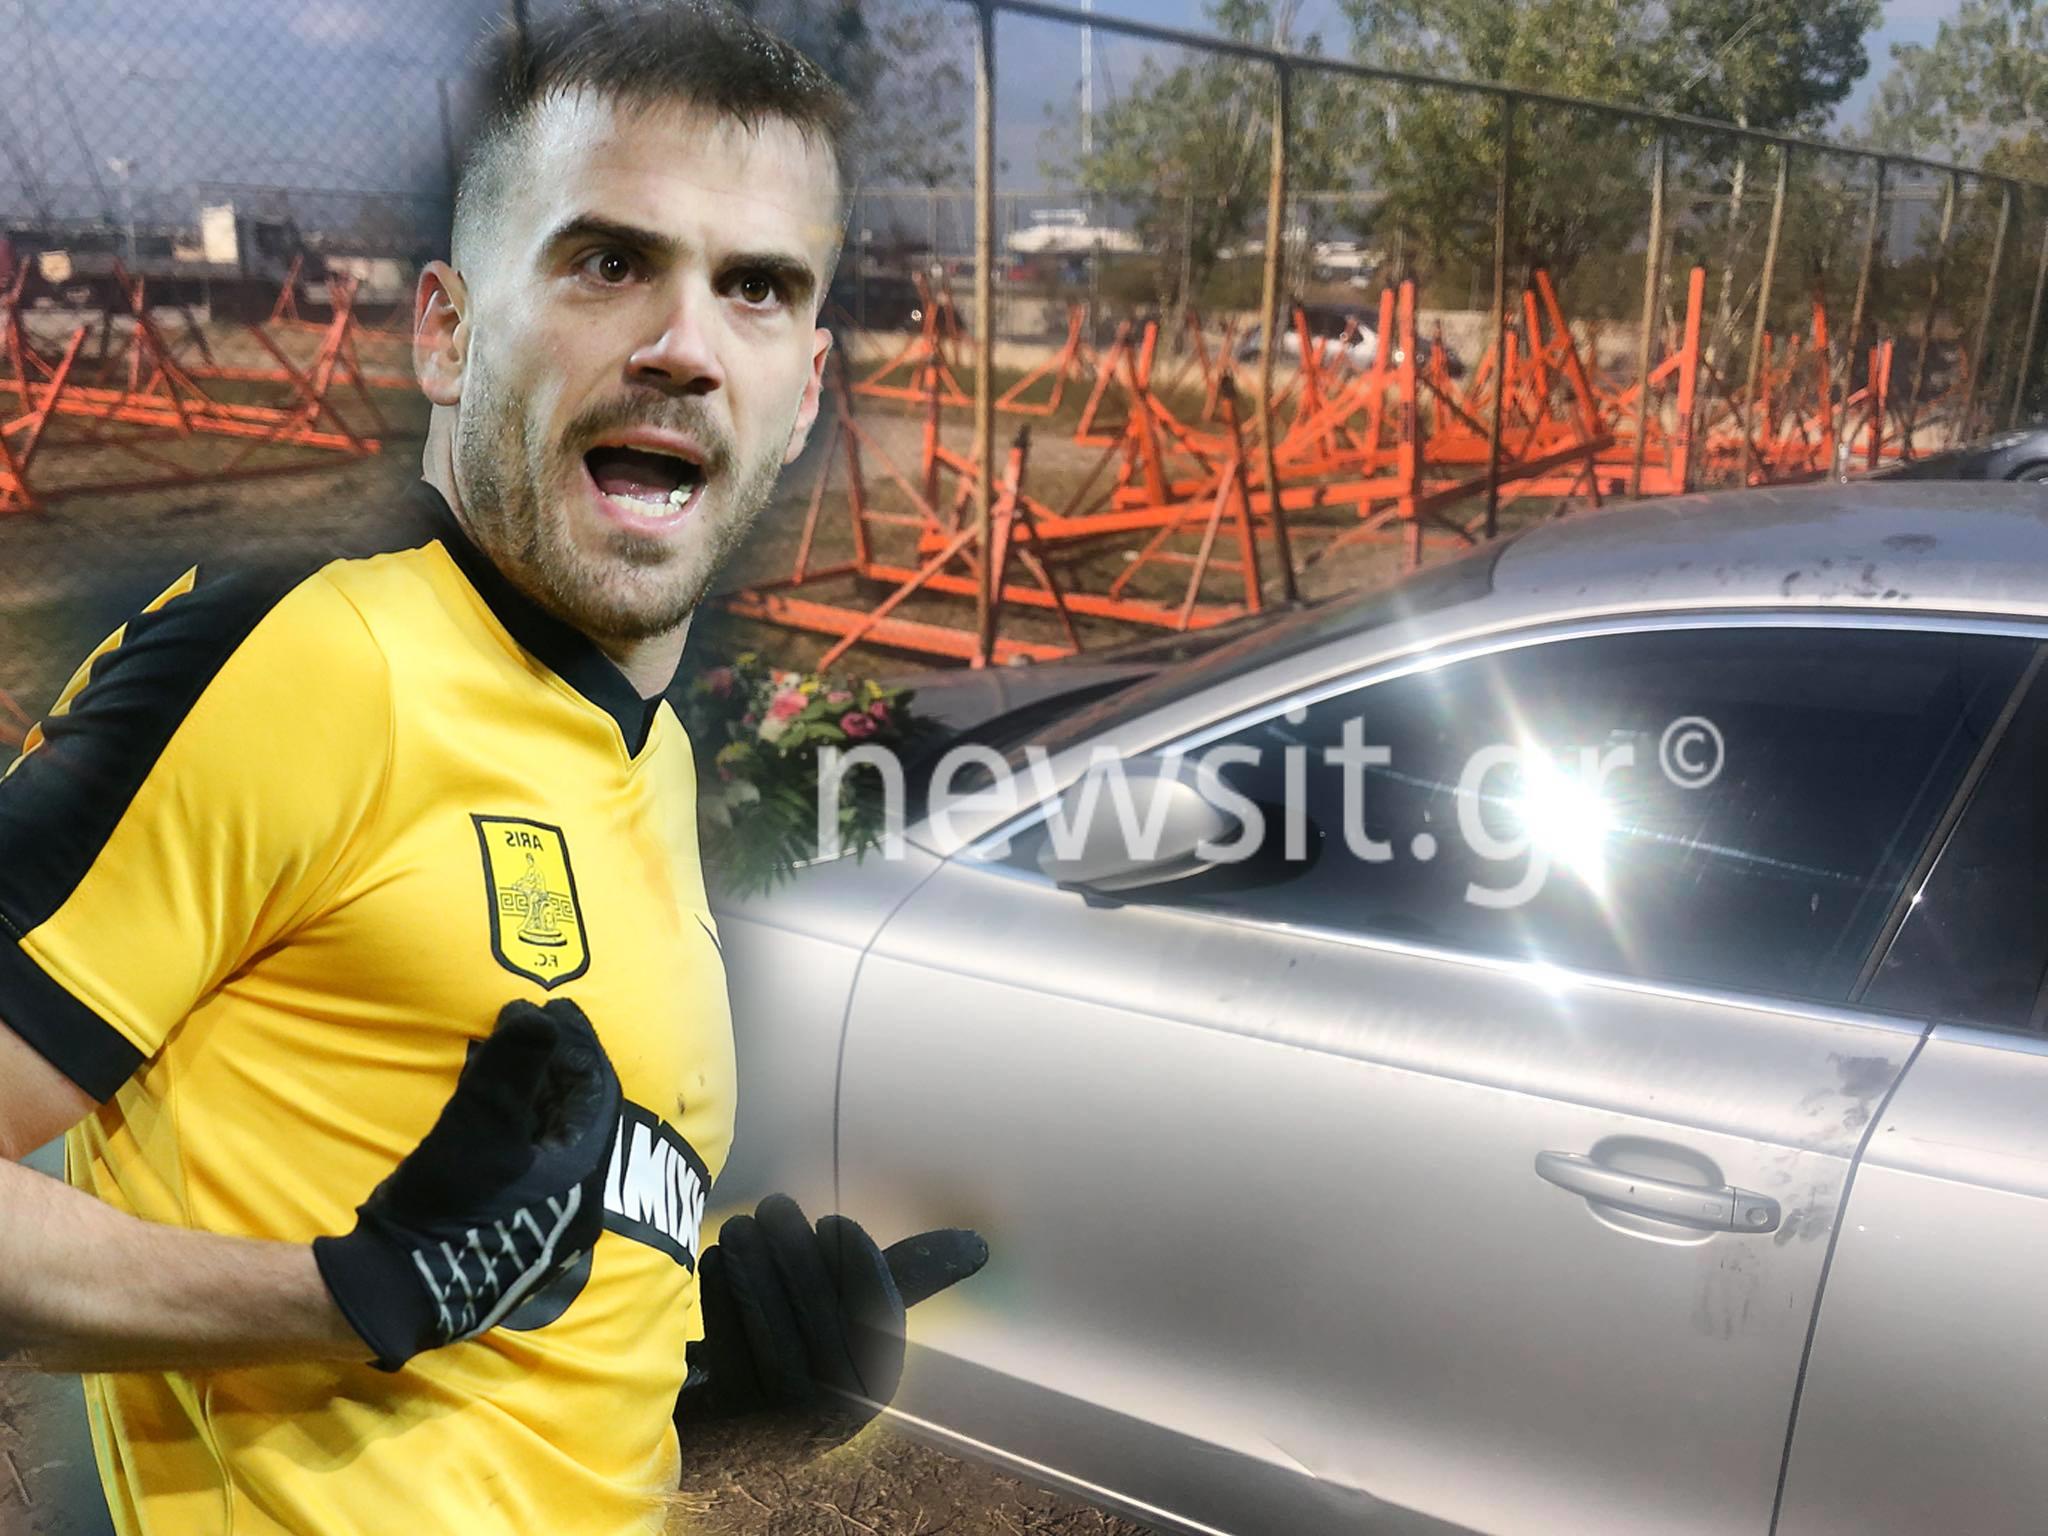 Νίκος Τσουμάνης: Ο ποδοσφαιριστής βρέθηκε πνιγμένος με tire up, υποψίες για αυτοκτονία